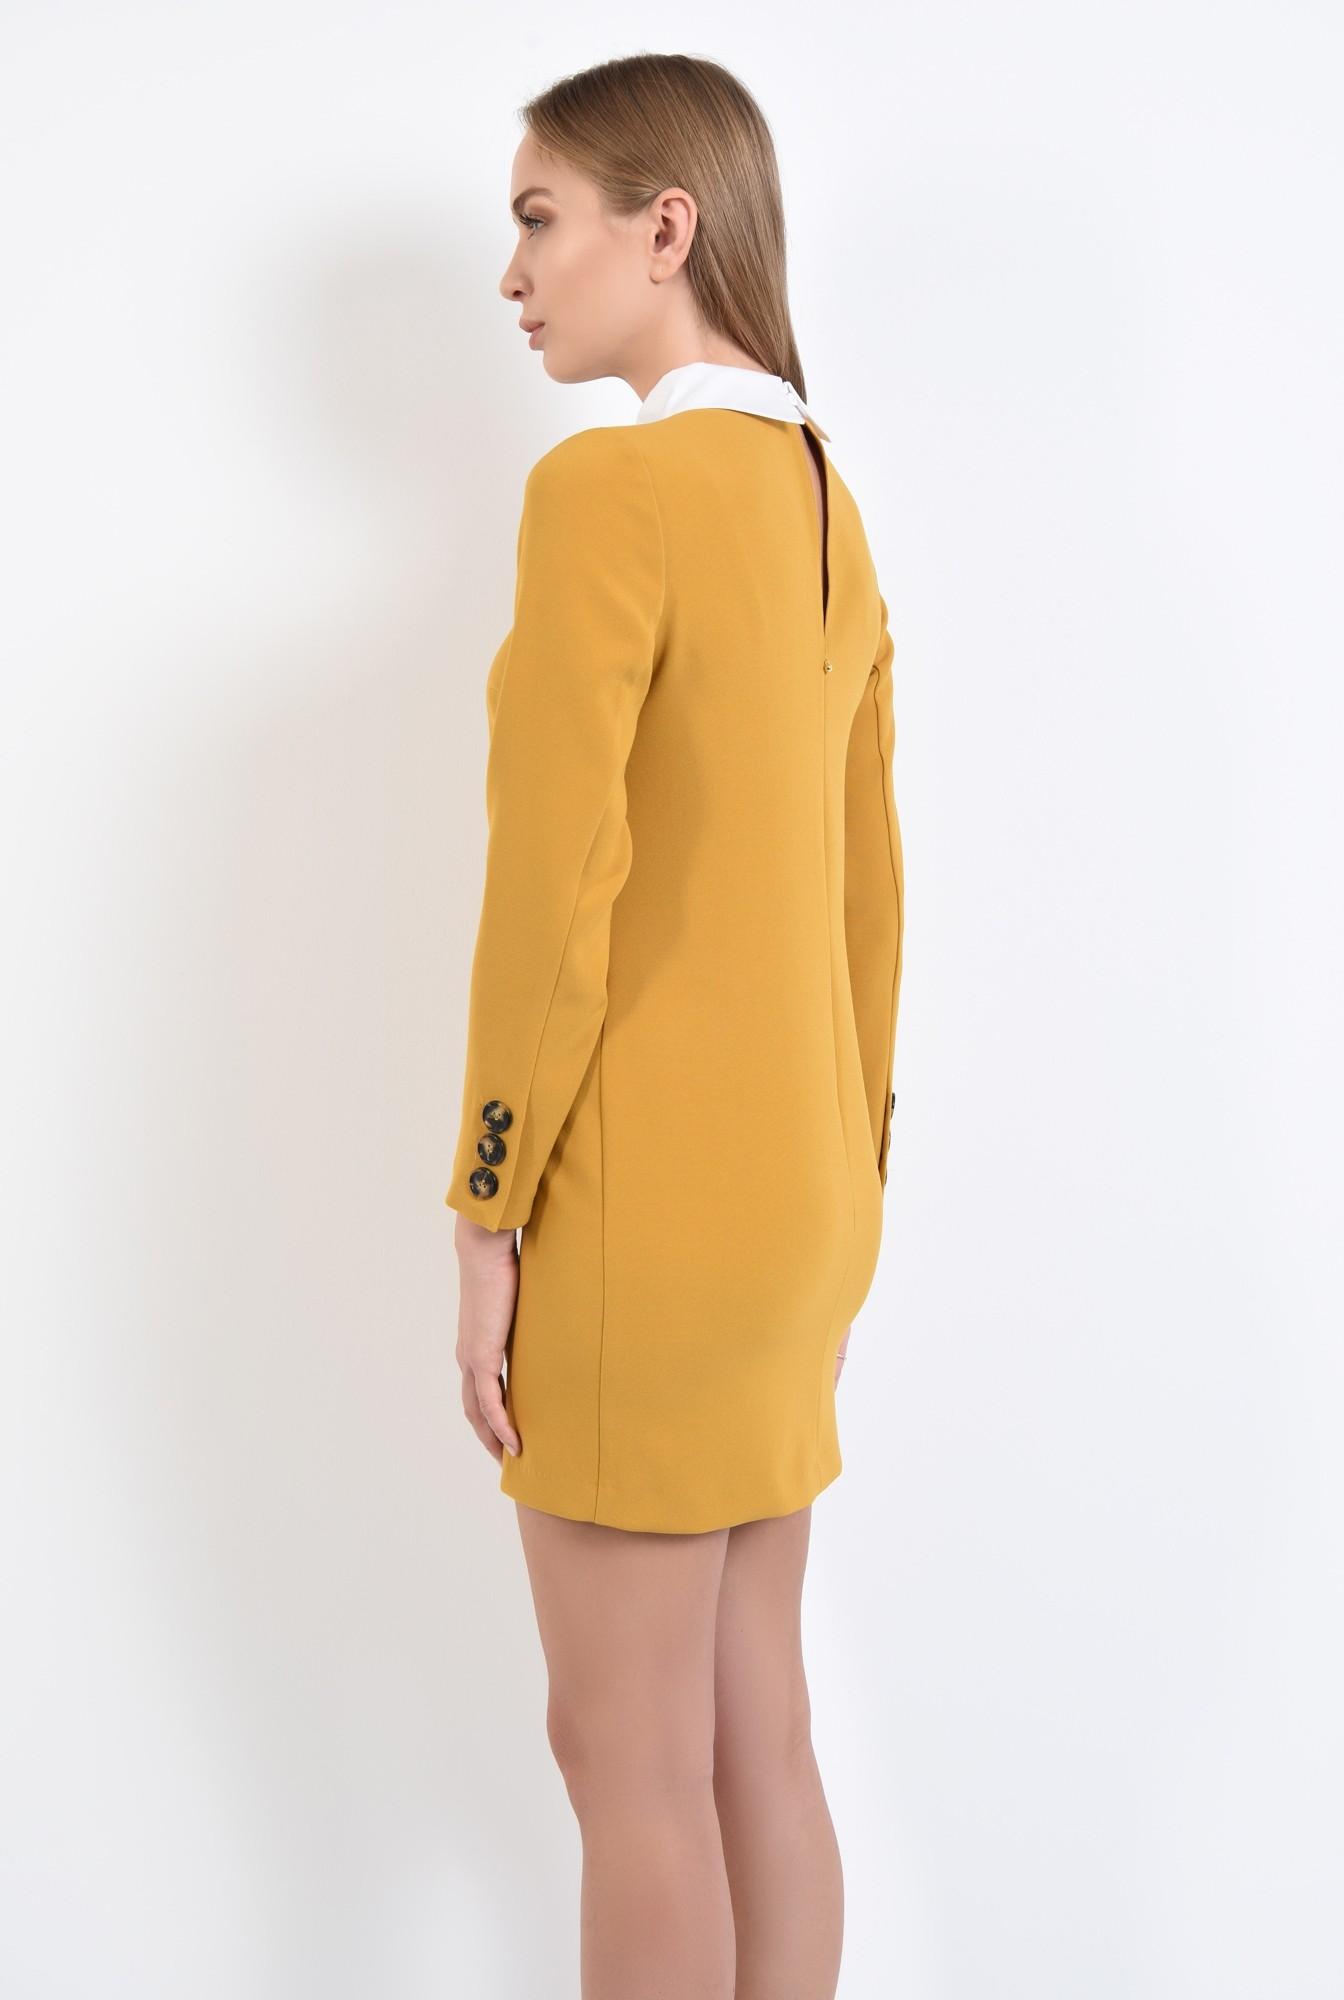 1 - rochie casual, croi drept, guler alb, rochii online